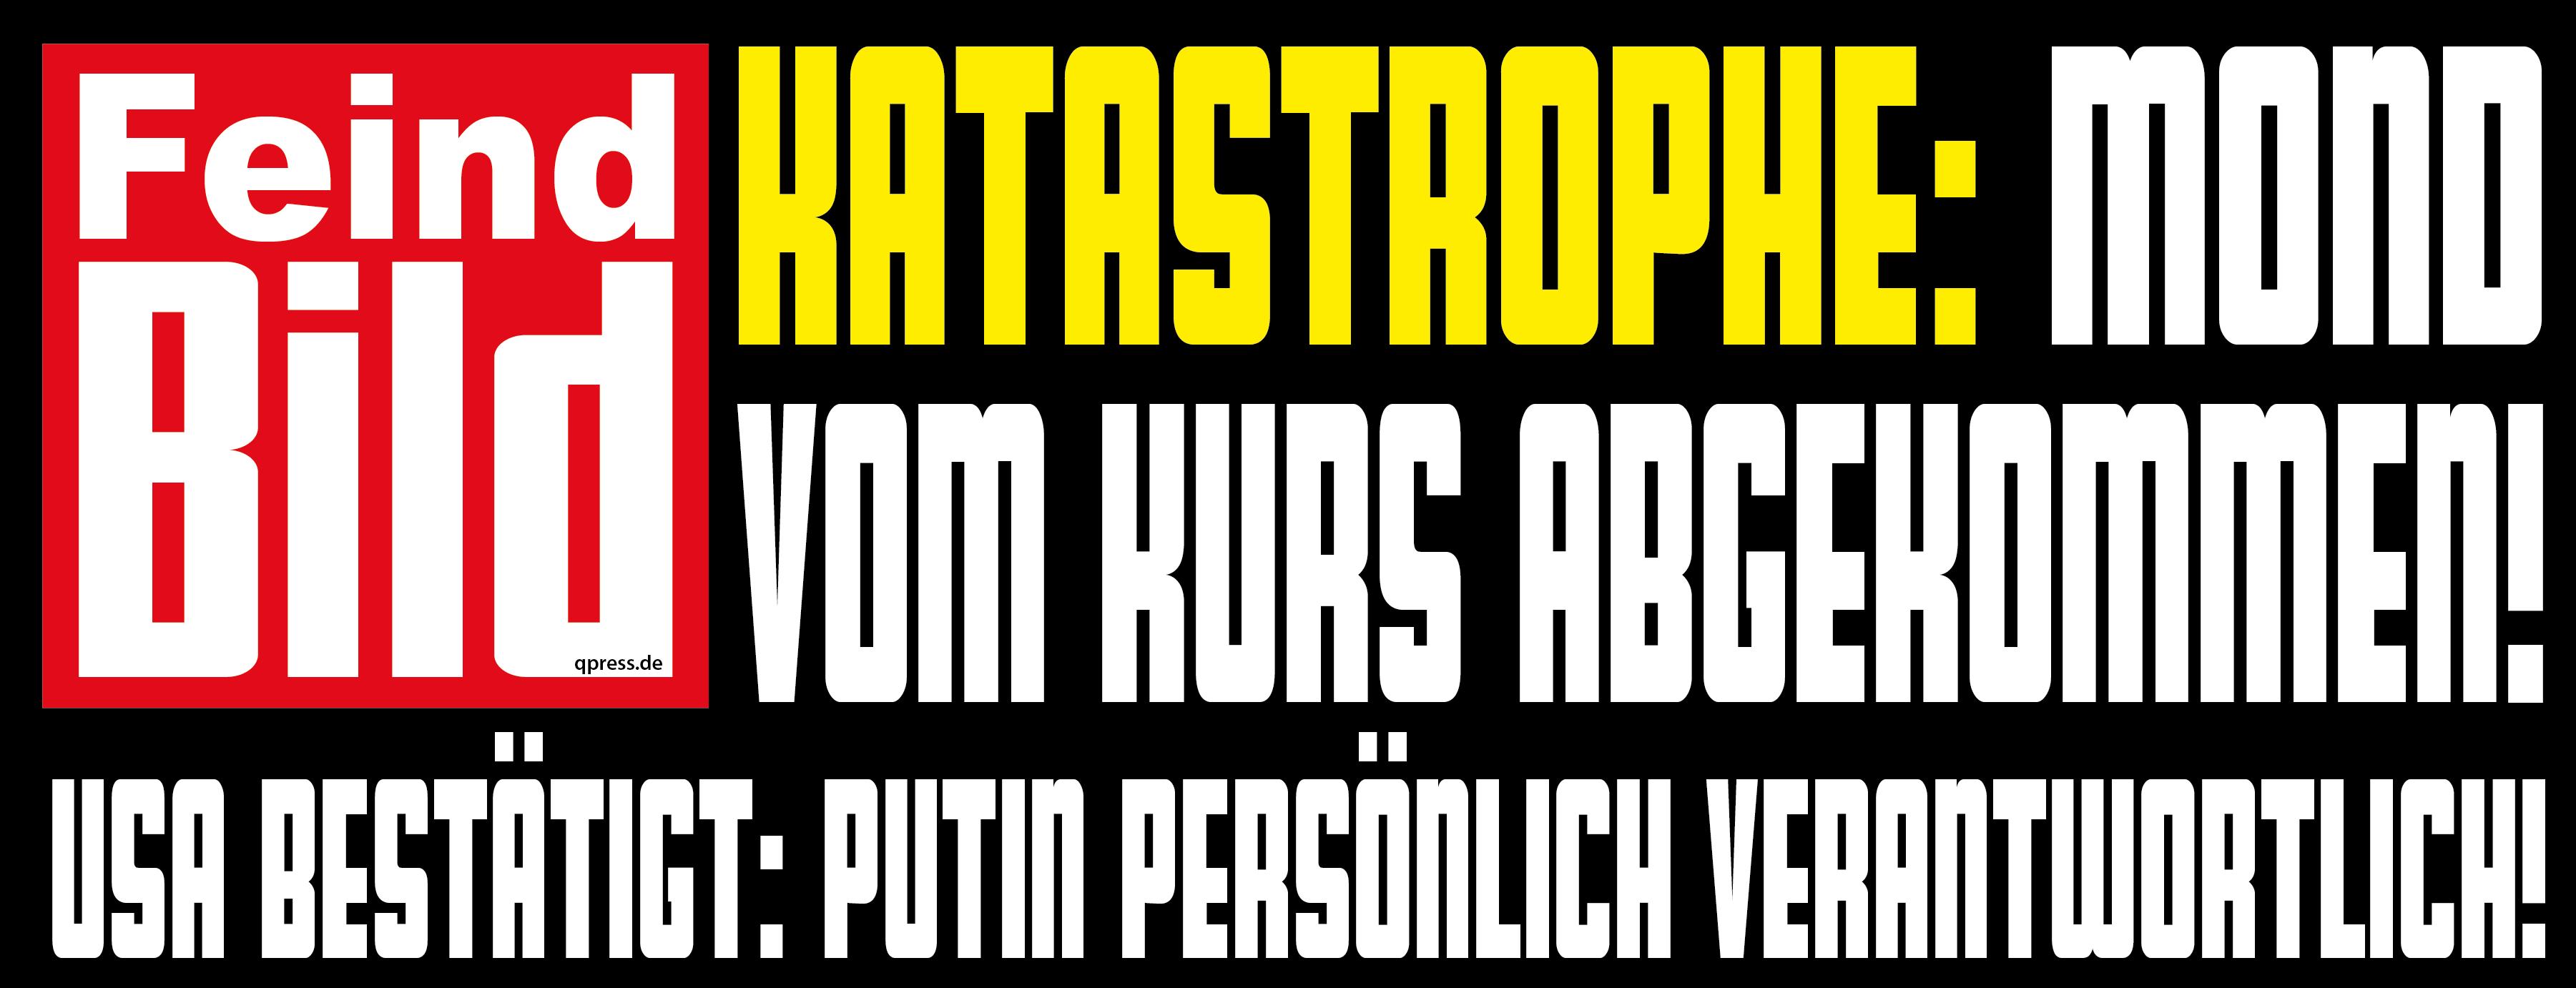 Putin greift an, will EU über rechte Parteien vernichten Feind BIld Putin Ukraine ist schuld Propaganda Schlagzeile qpress